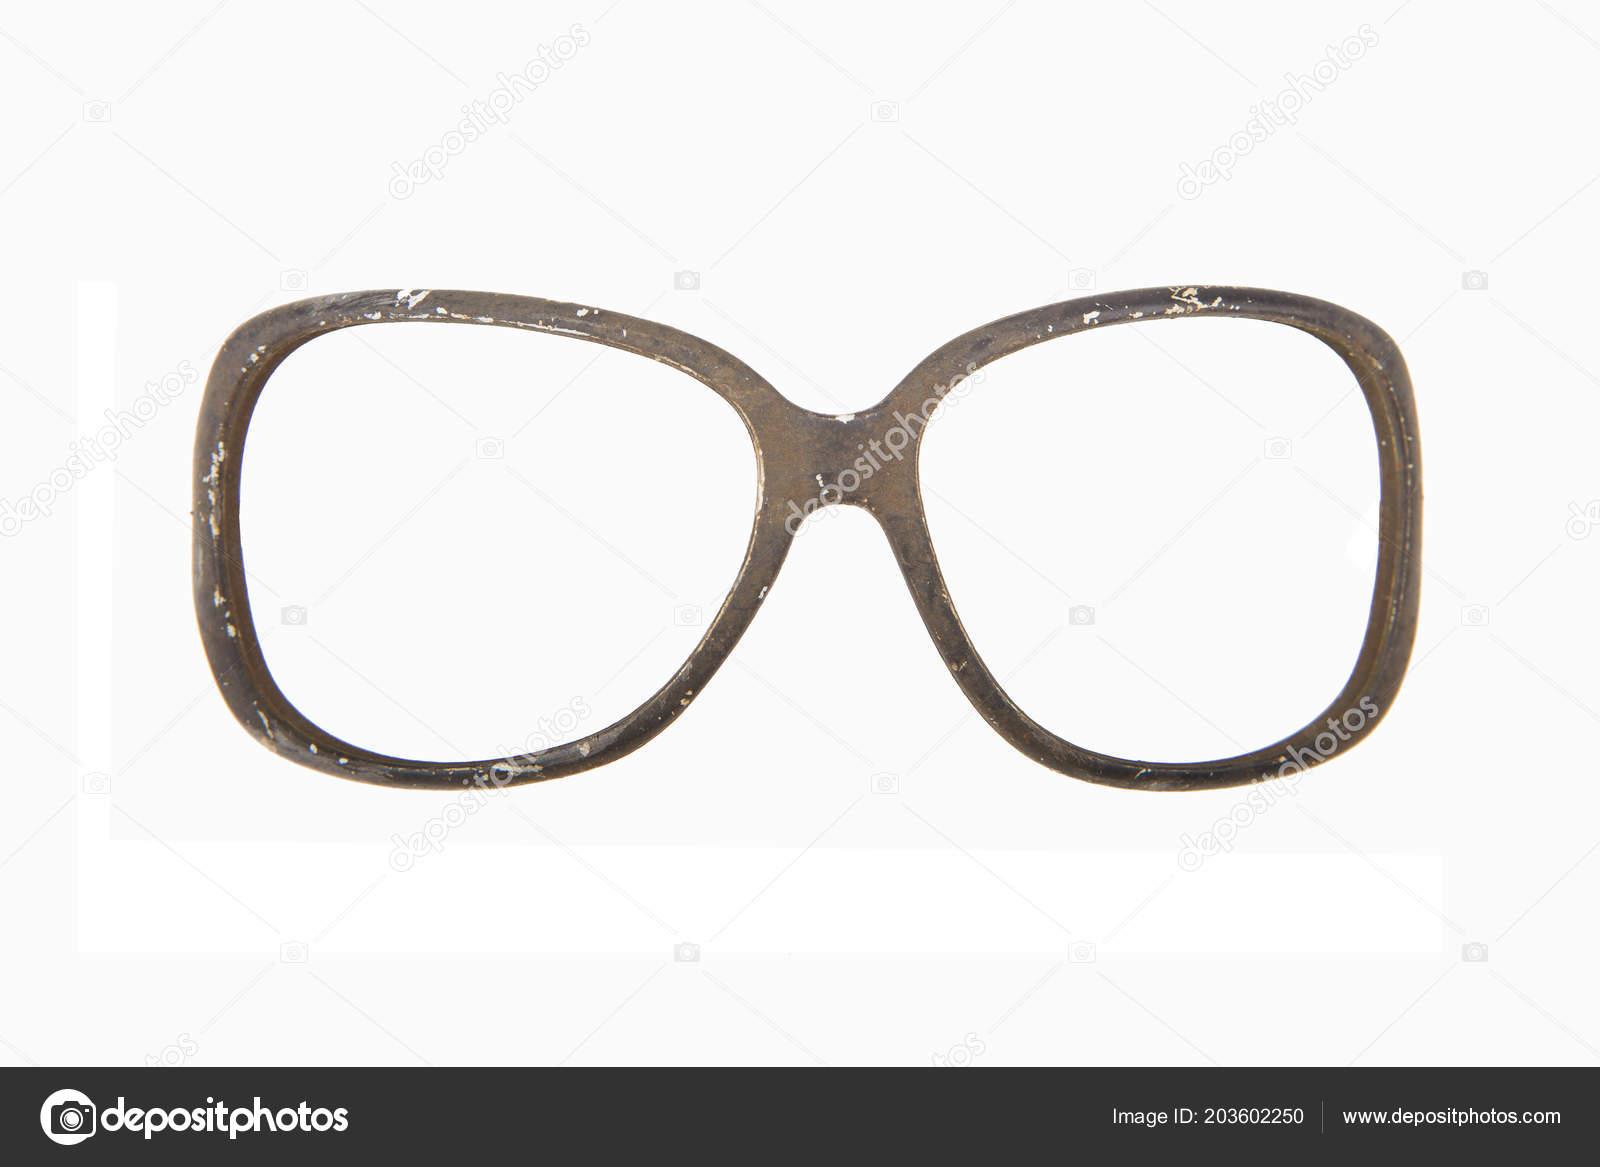 a1abcd33d38d5 Armação Óculos Antigos Destruídos — Stock Photo © MAXSHOT  203602250